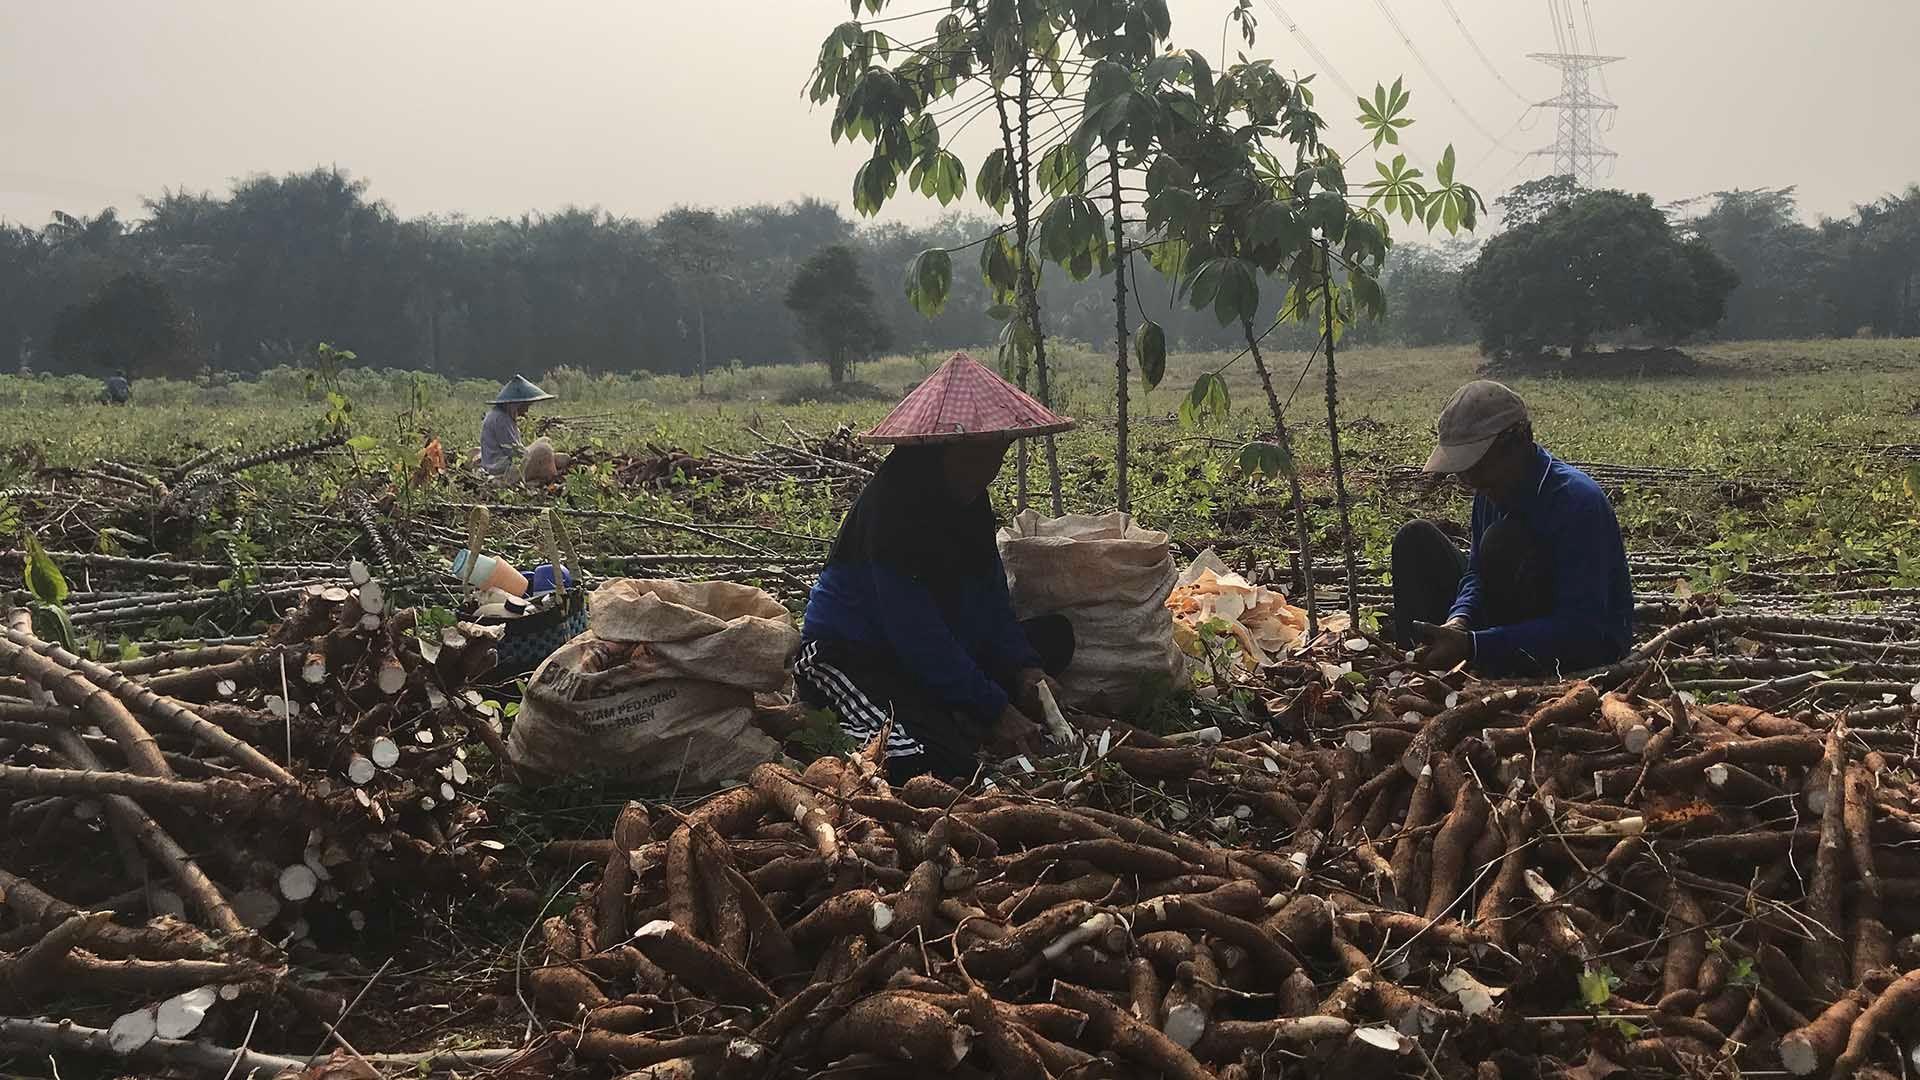 Farmers in Asia sort through their crop